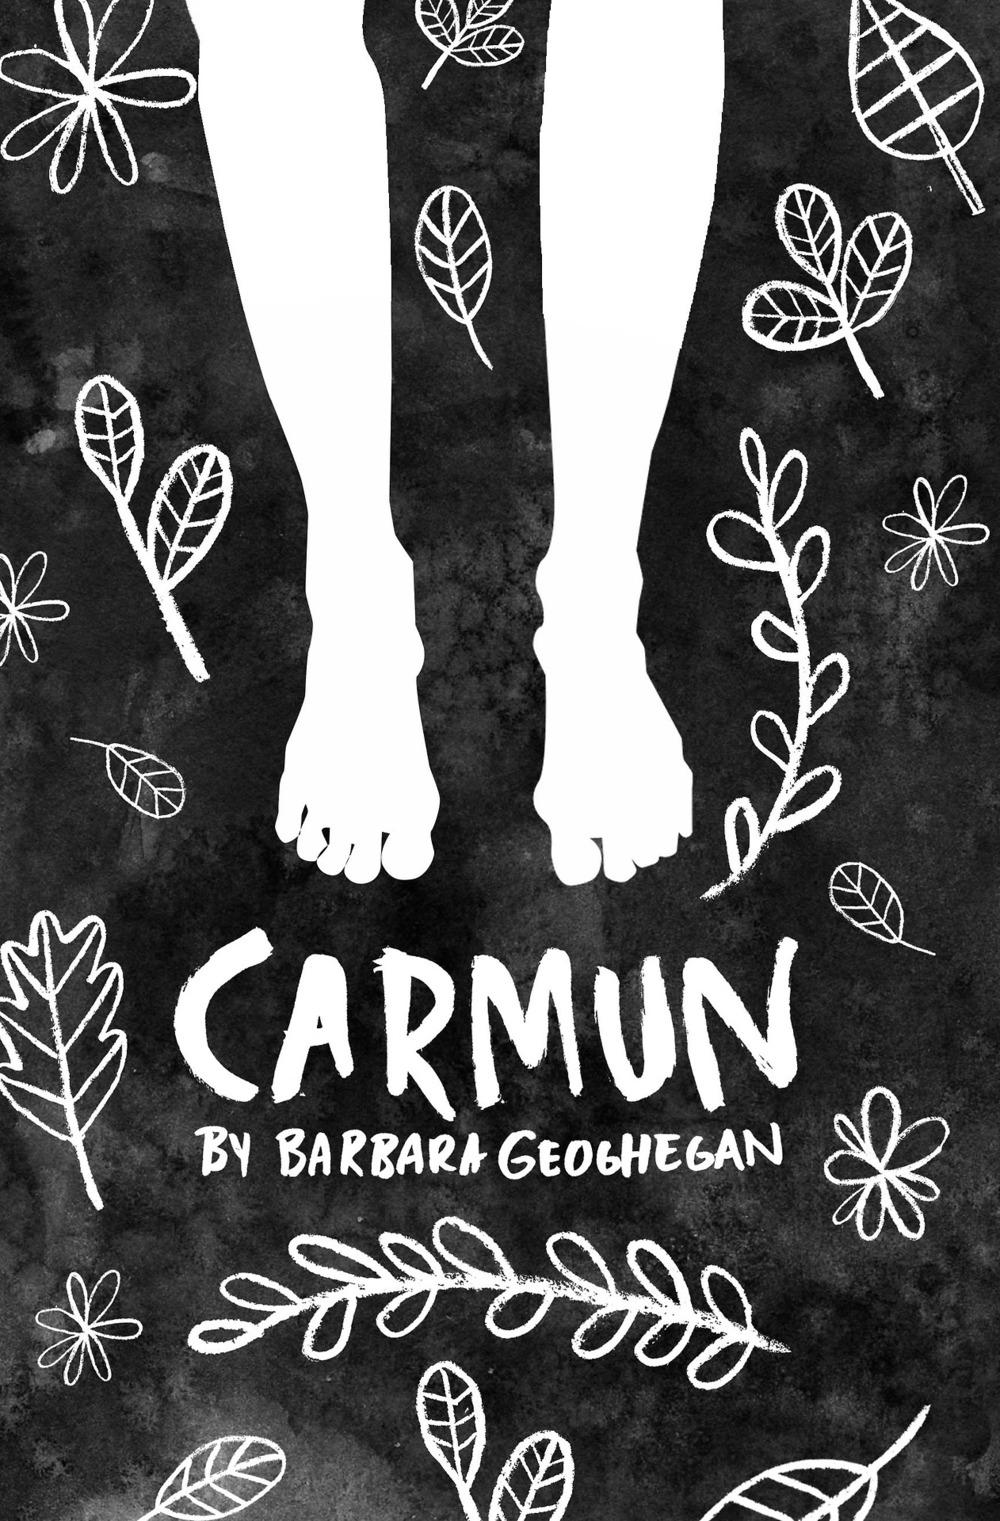 Carmun